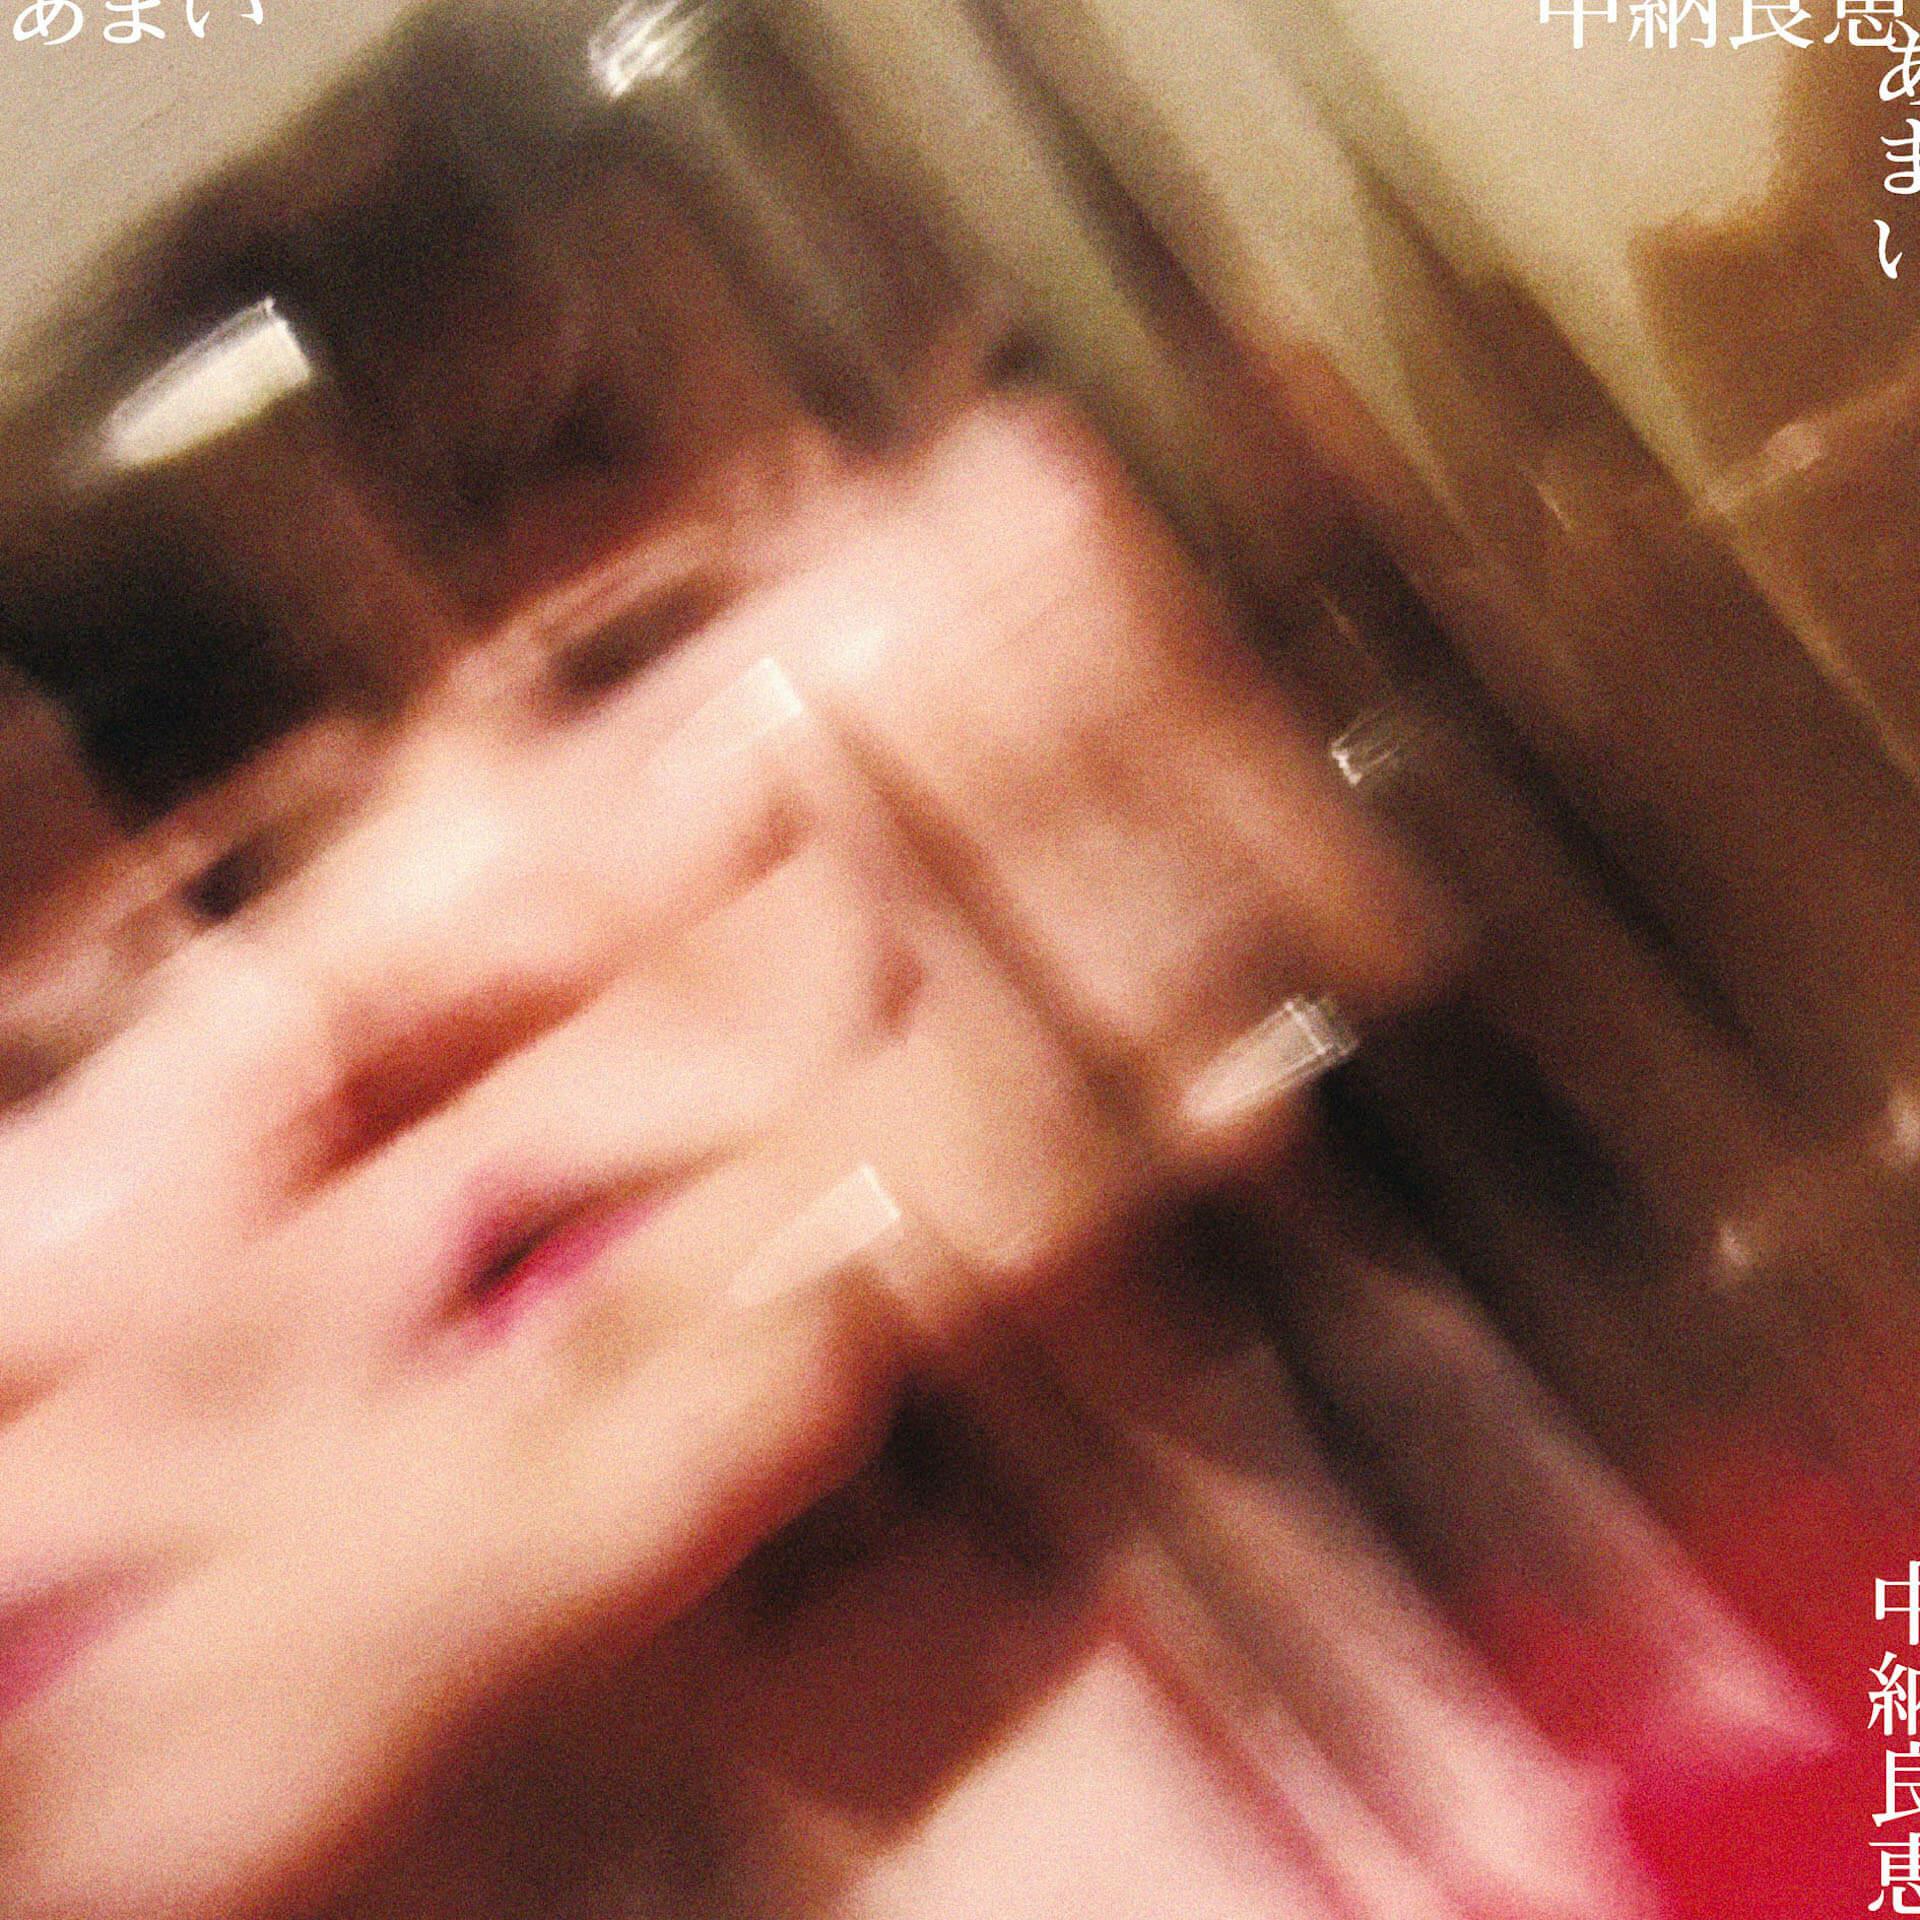 中納良恵ソロアルバム『あまい』リリースツアー開催決定!全曲トレーラーもYouTubeで公開 music210623_AMAI1